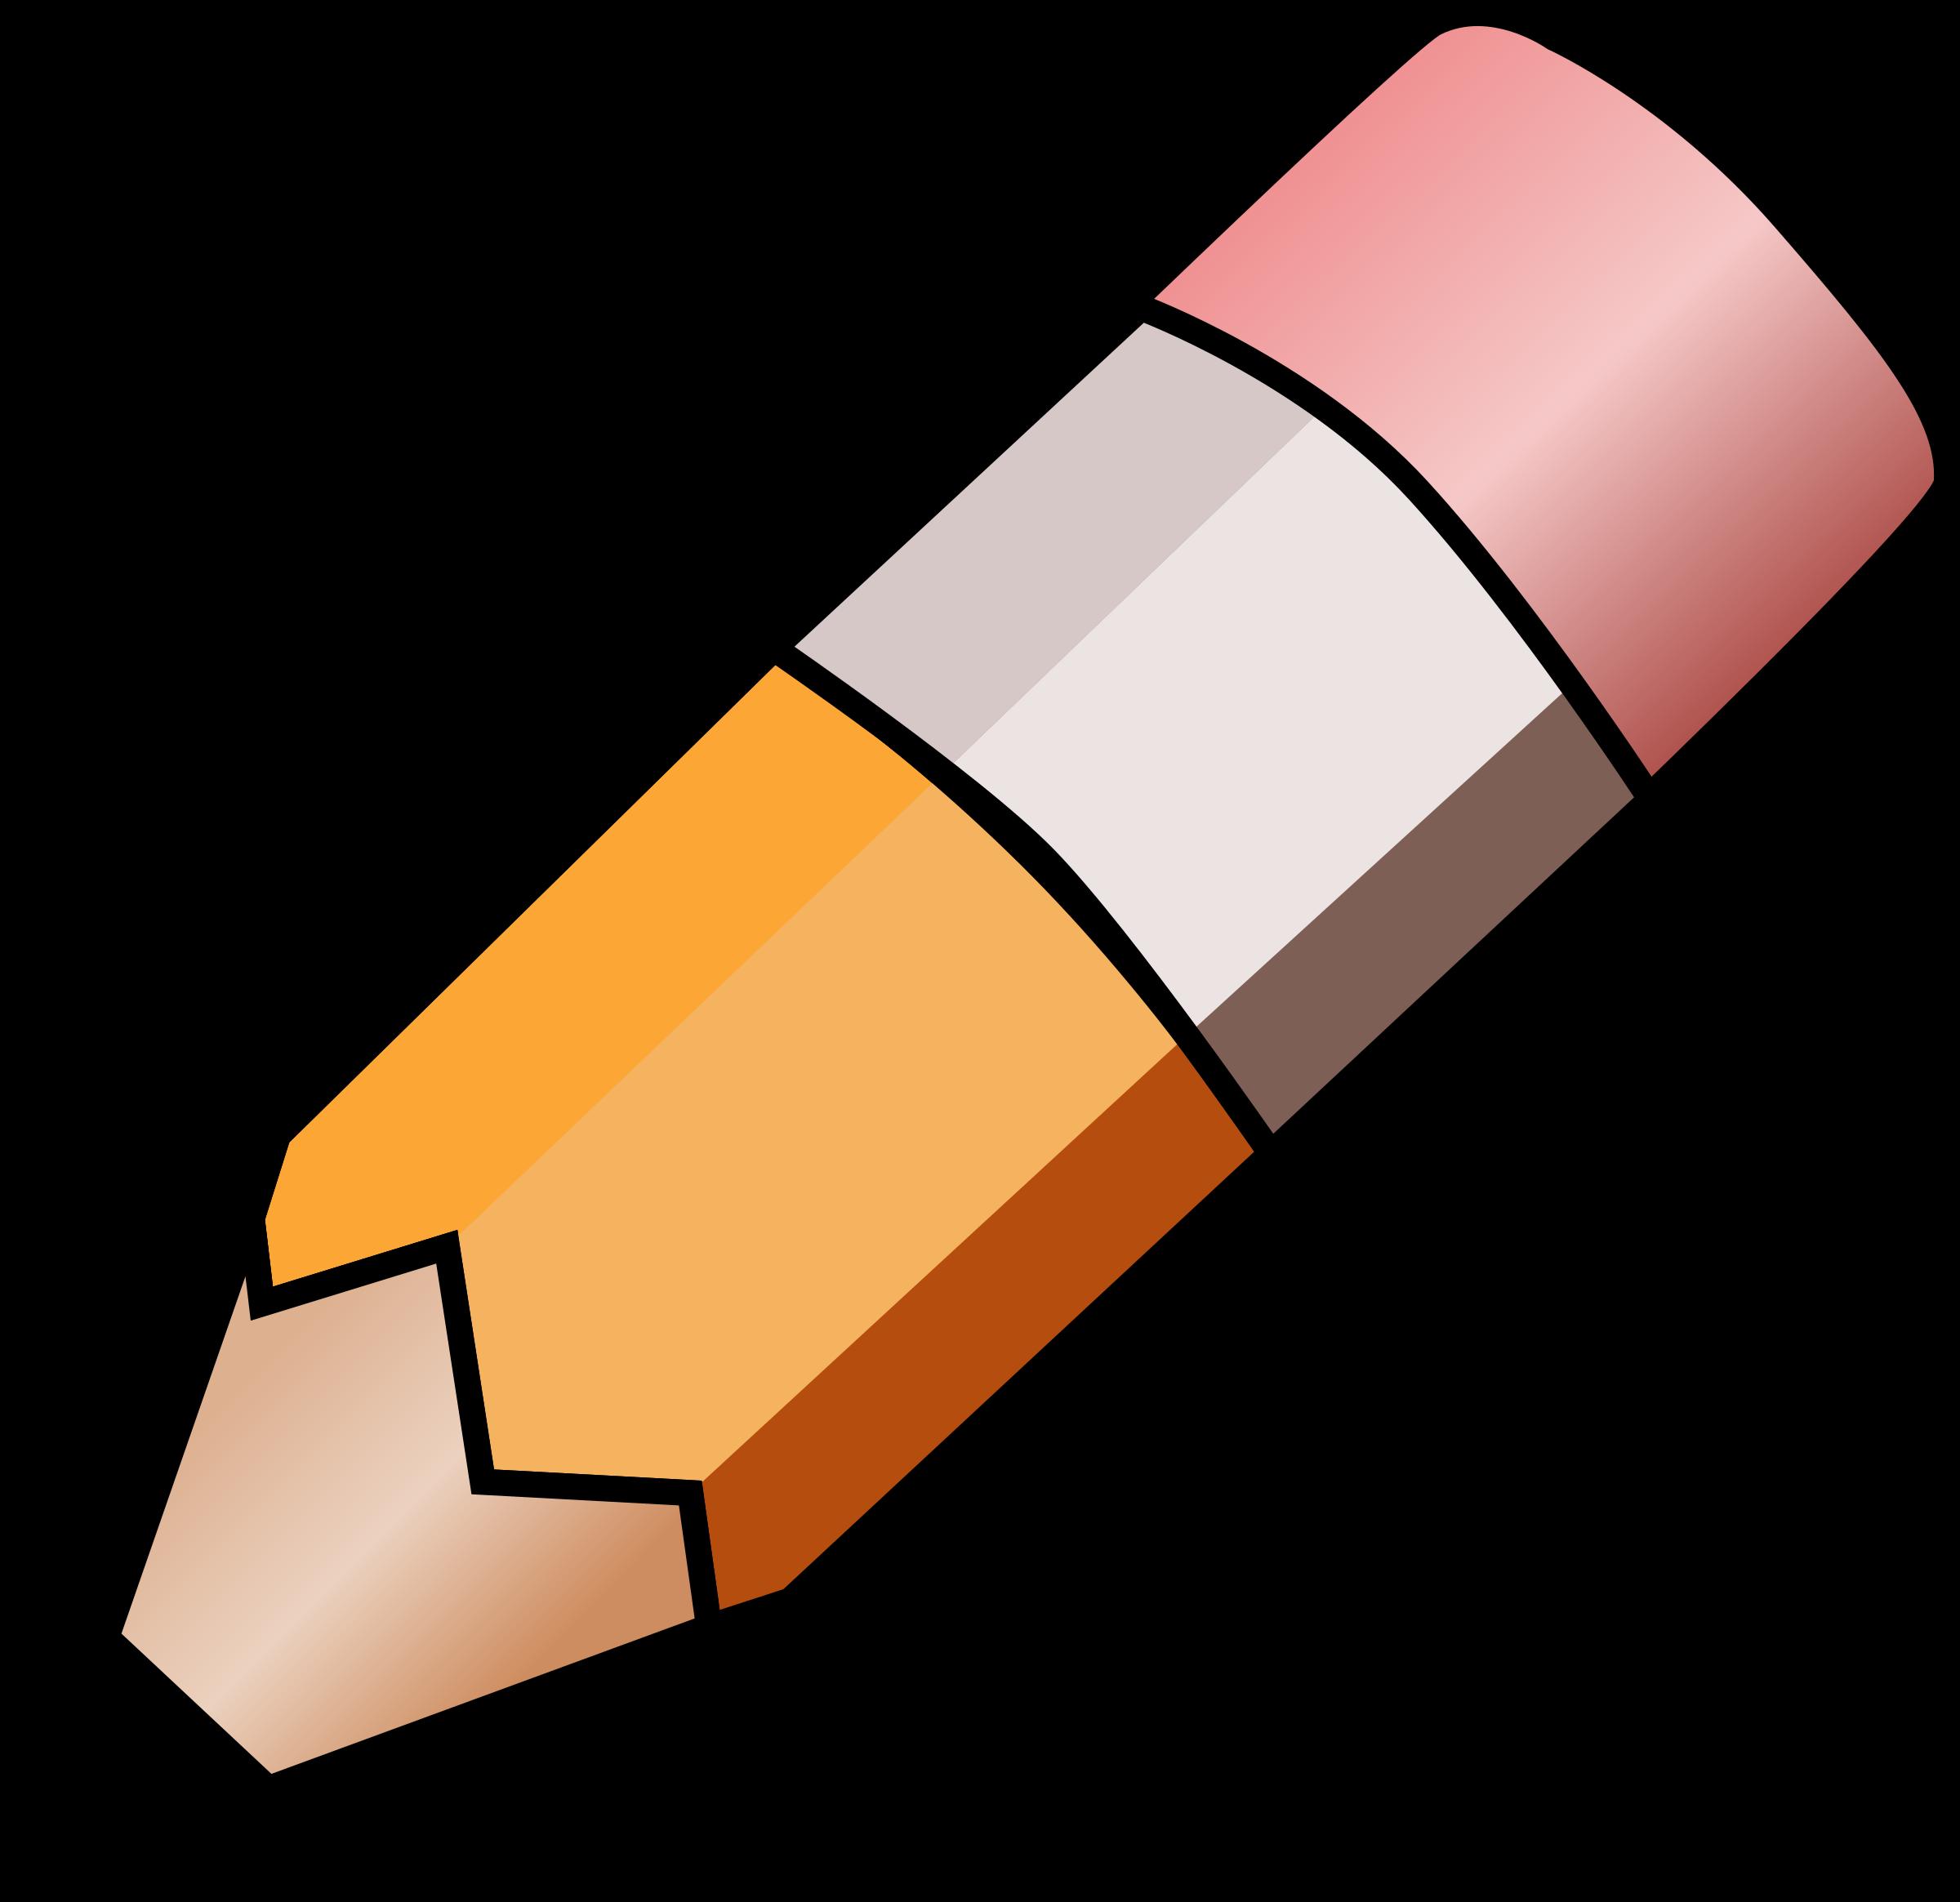 Big pencil cliparts free. Literacy clipart pensils